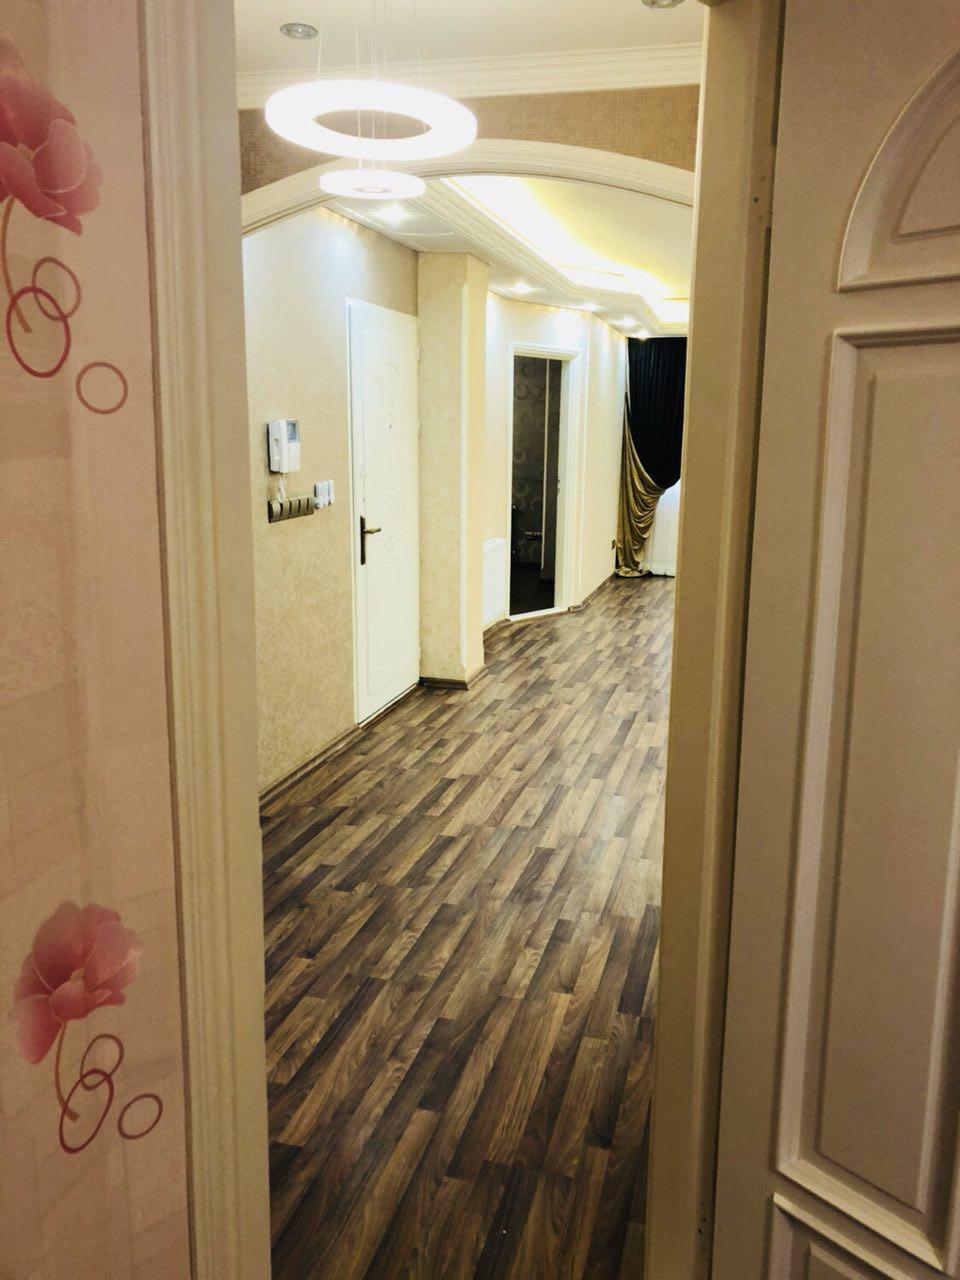 فروش طبقه سوم از آپارتمان 6 طبقه در خیابان شهرک آزادی